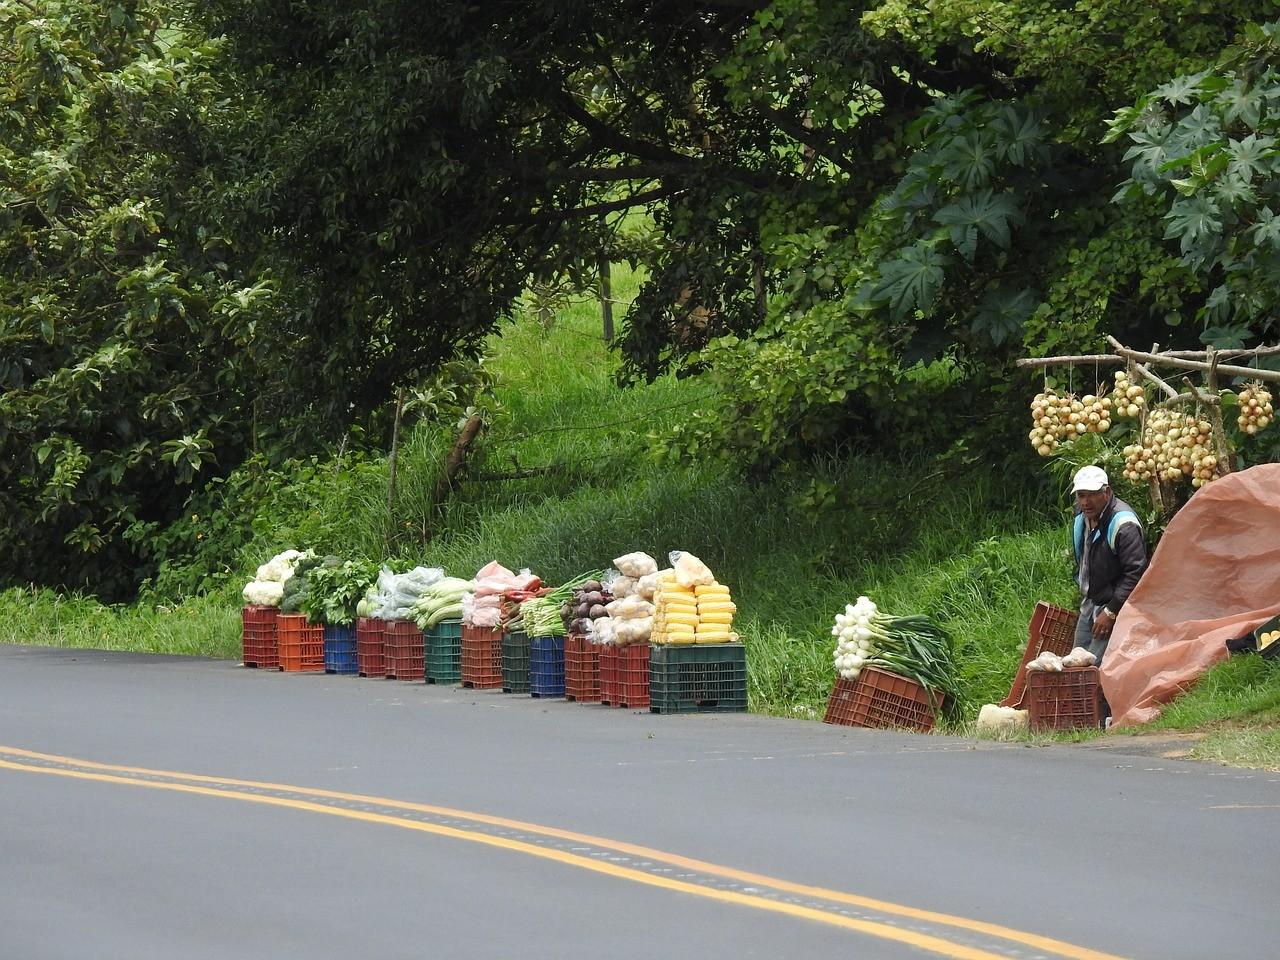 Puerto Jimenez: Roadside Costa Rican produce